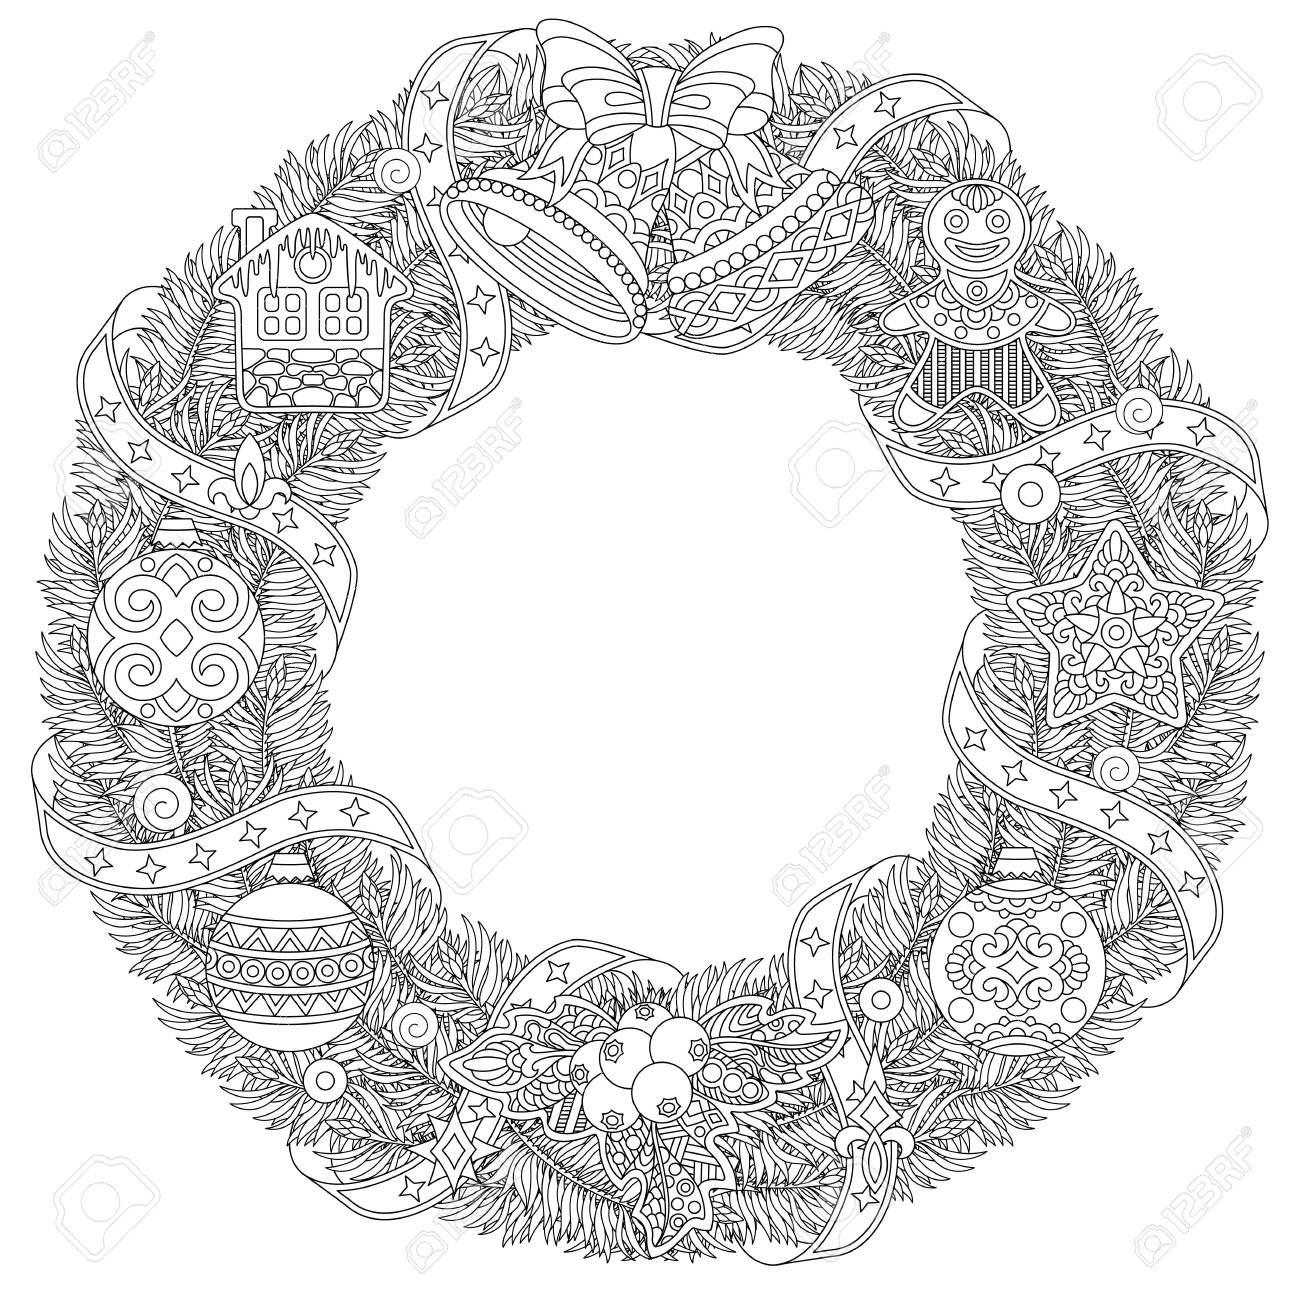 Corona De La Puerta De Navidad Página Para Colorear Con Adornos Navideños Y Decoraciones Dibujo De Bosquejo A Mano Alzada Para La Tarjeta De